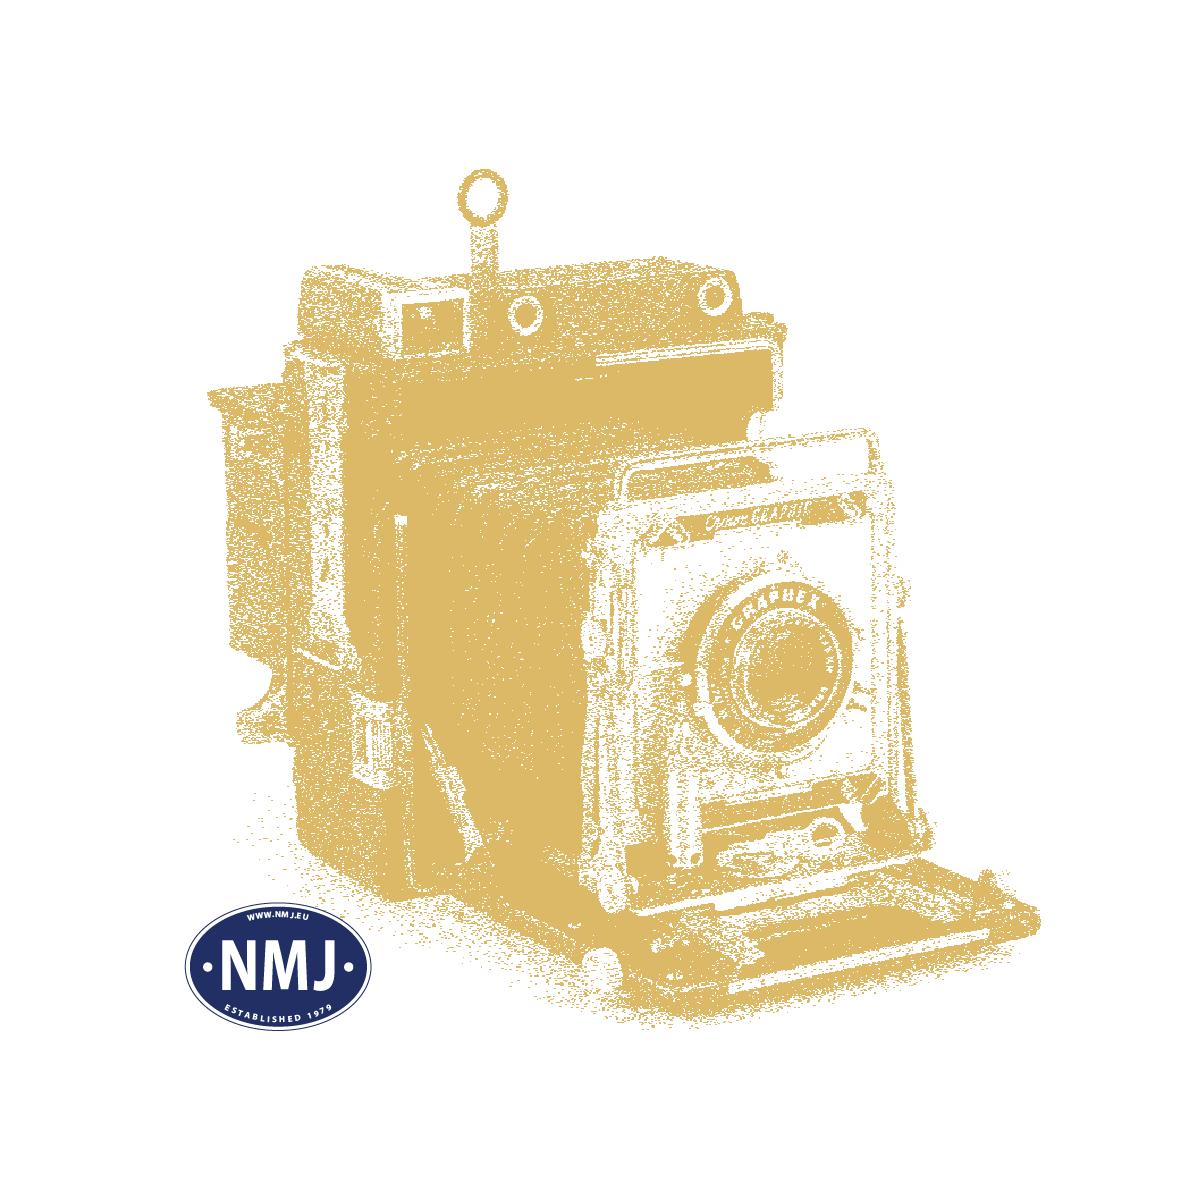 NMJT507.117 - NMJ Topline CargoNet Lgns 42 76 443 2040-5